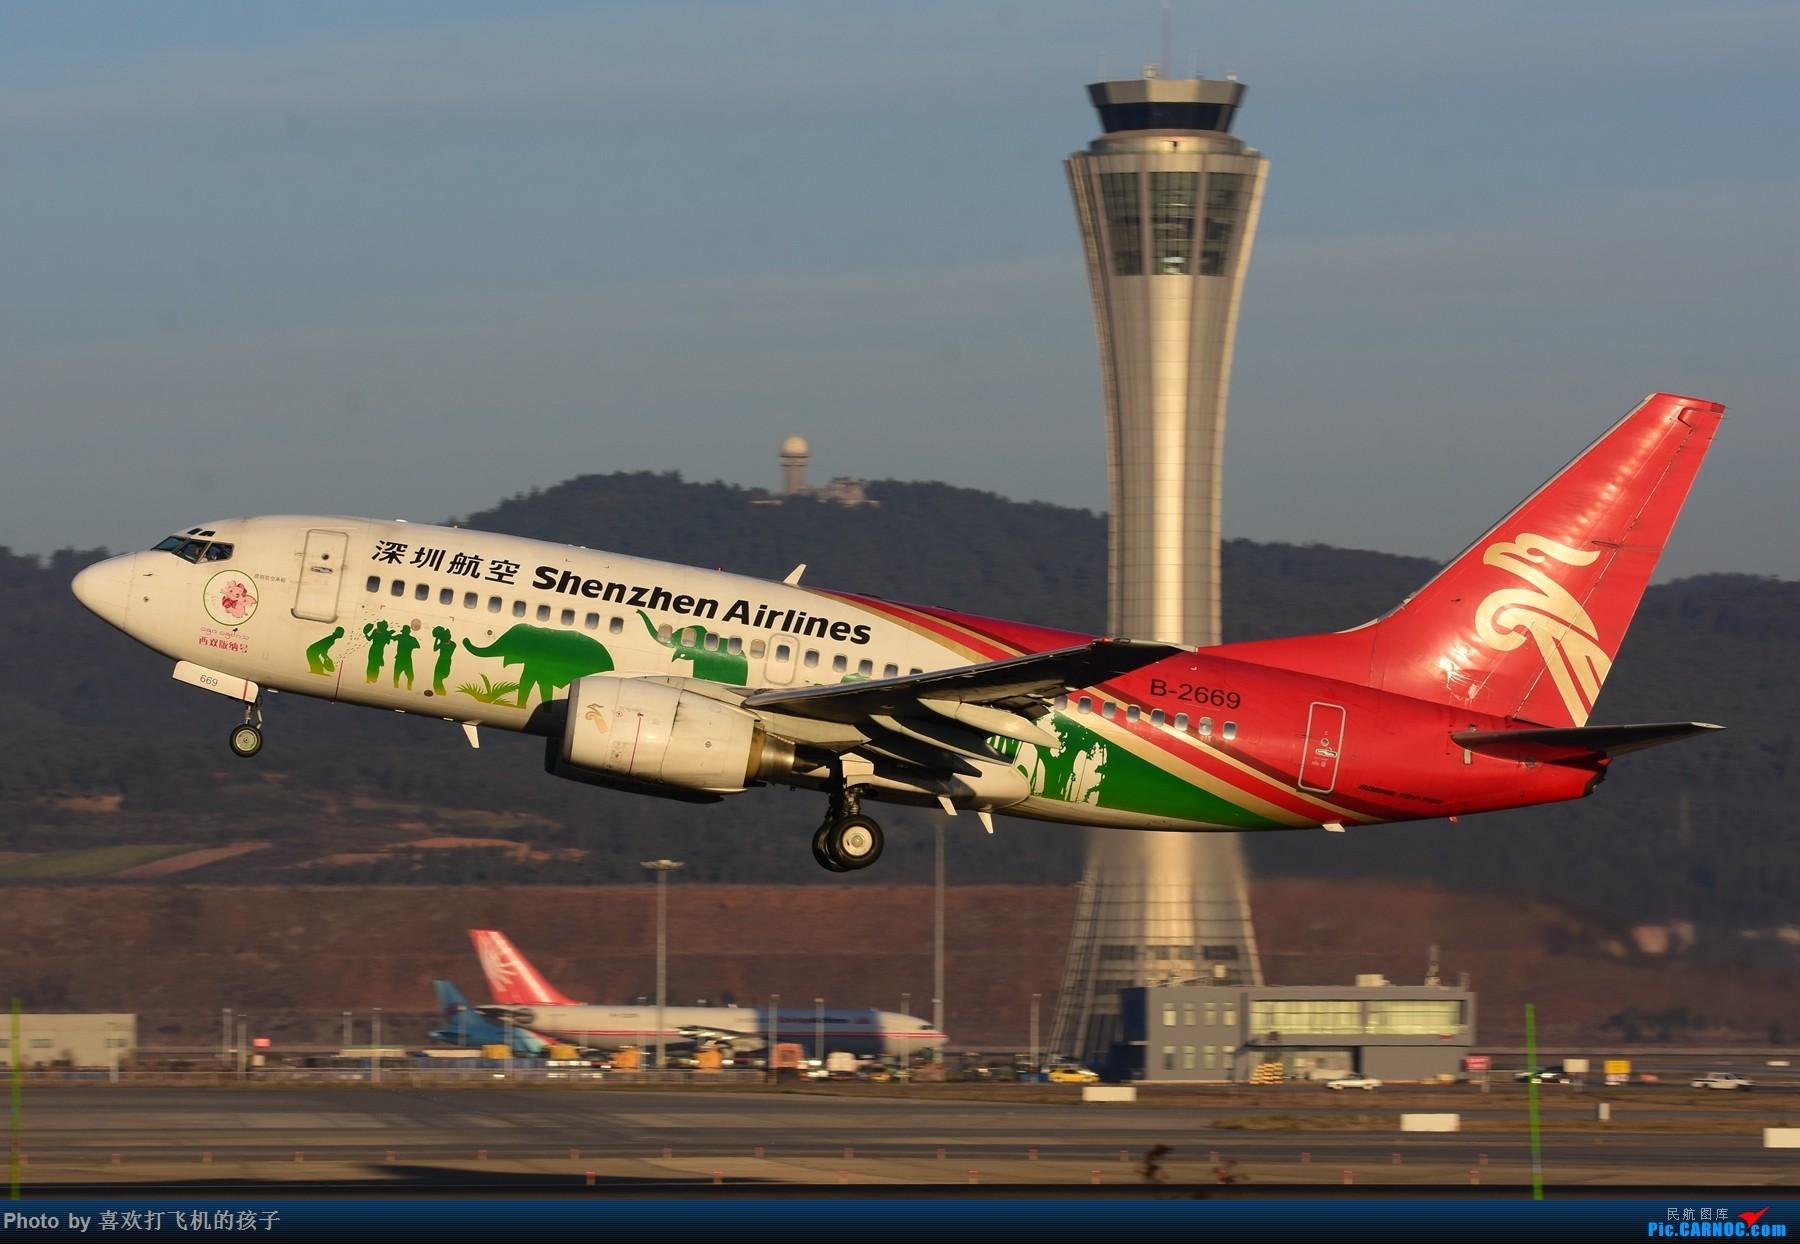 [原创]【昆明飞友会】2017年最后一贴,昆明长水国际机场 BOEING 737-700 B-2669 中国昆明长水国际机场